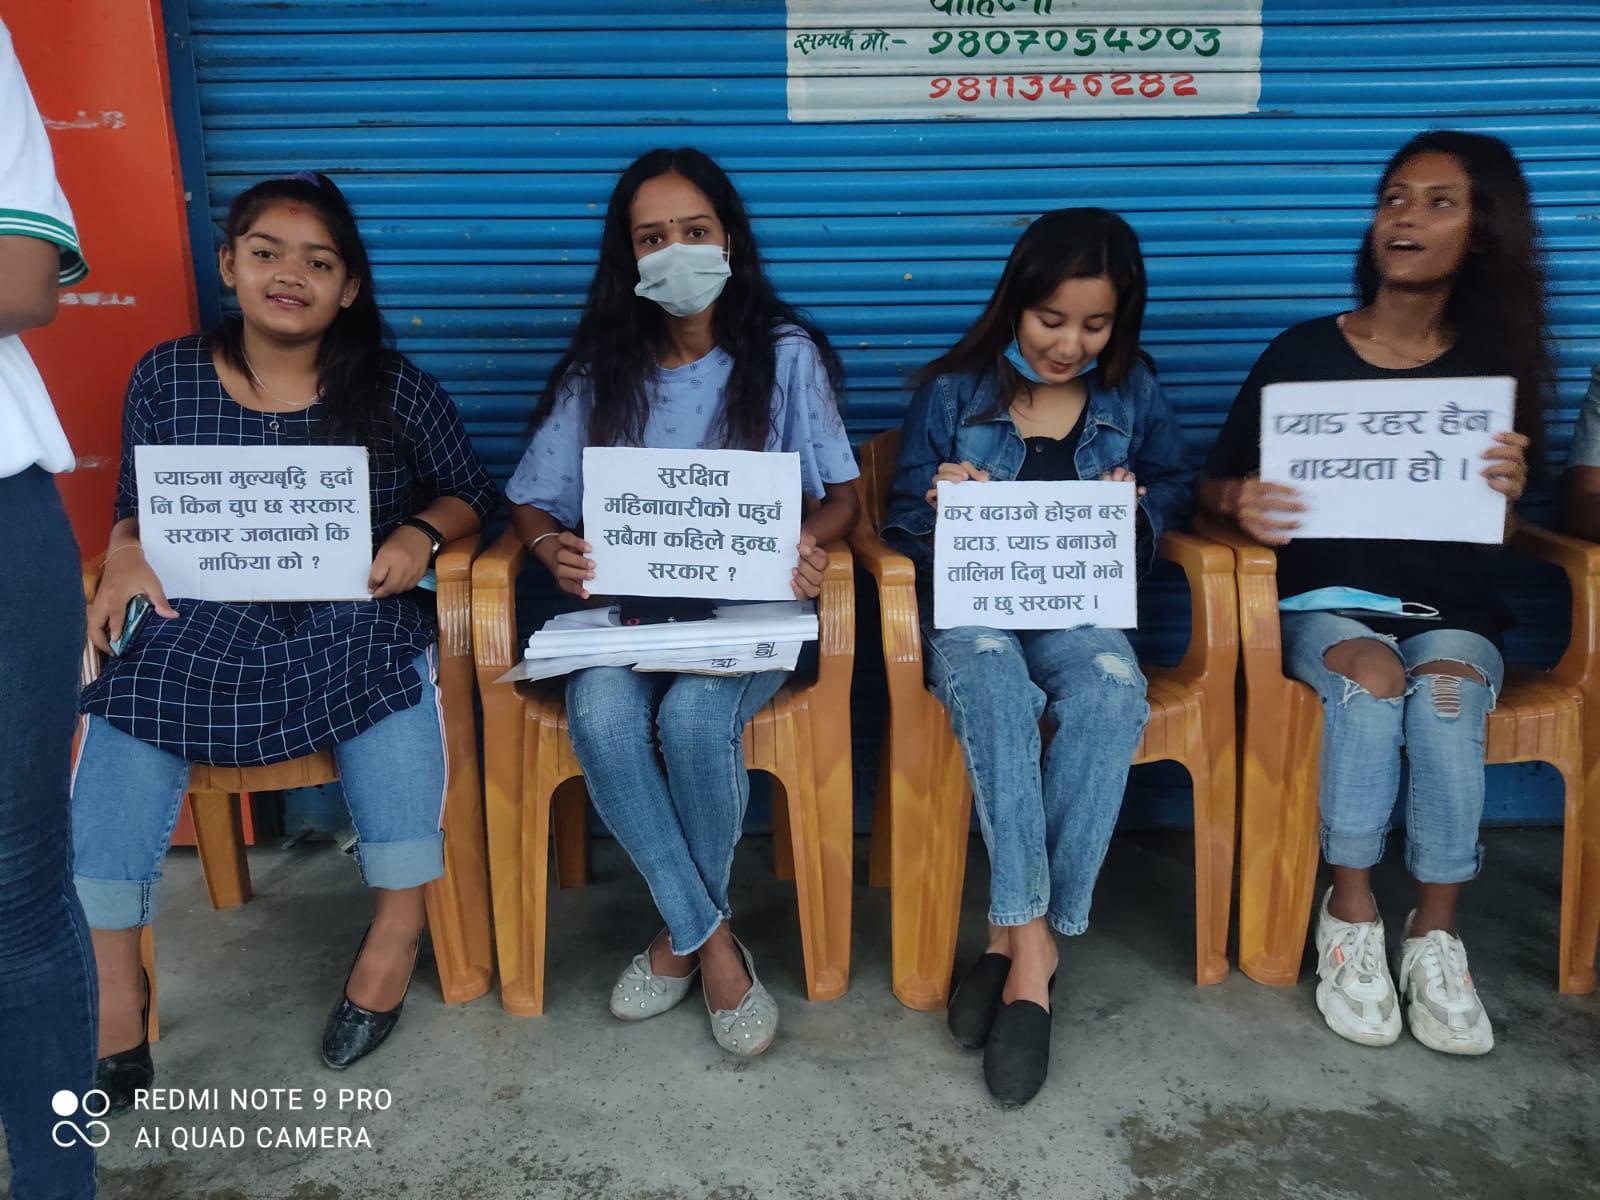 स्यानिटरी प्याडमा लगाइएको कर घटाउन माग गर्दै इटहरीमा विरोध